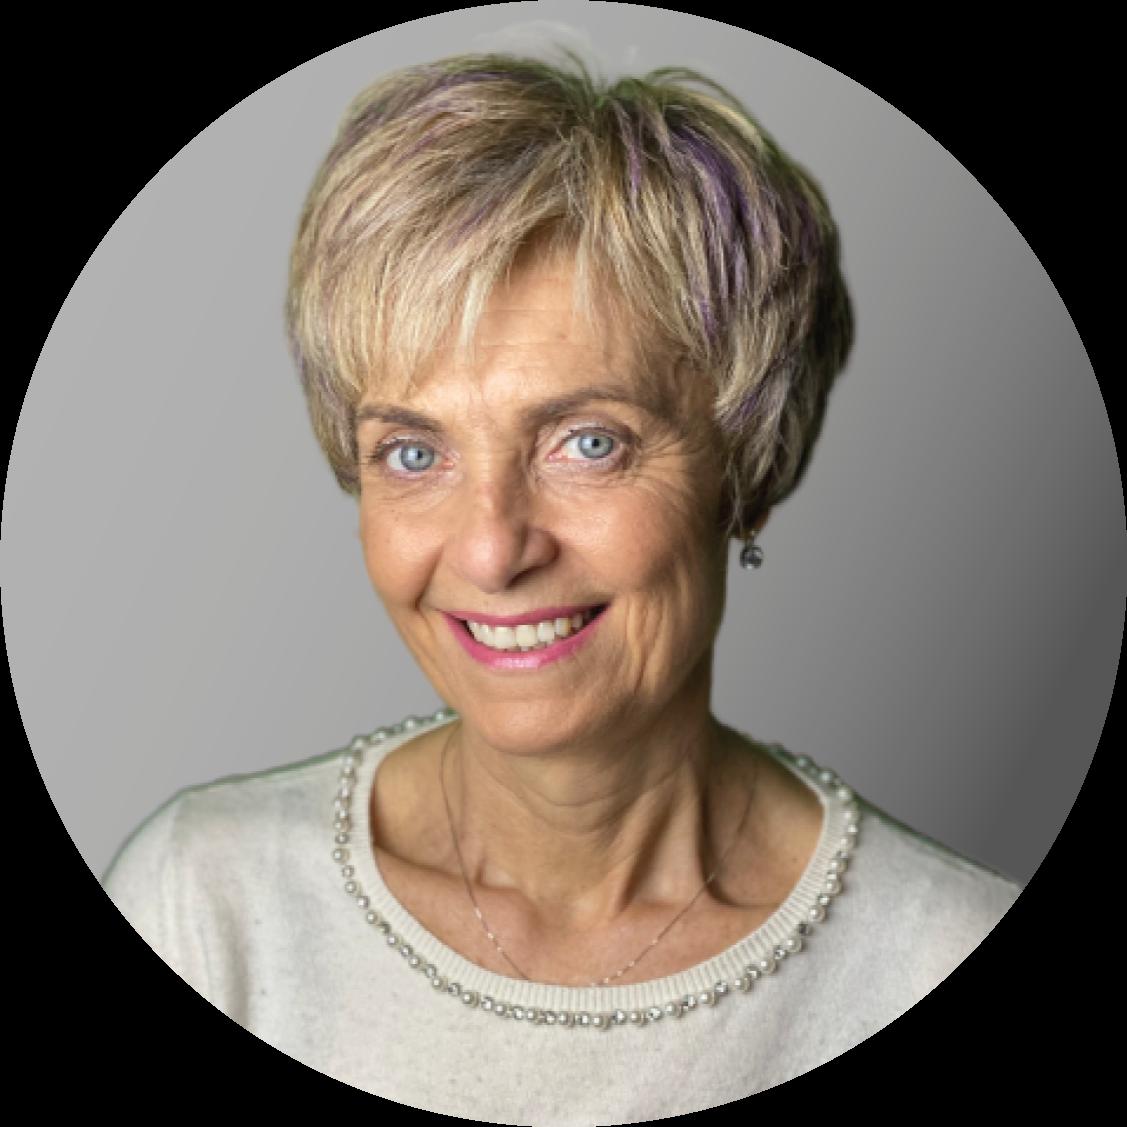 Dott.ssa Incoronata Marinucci - Psicologa Psicoterapeuta